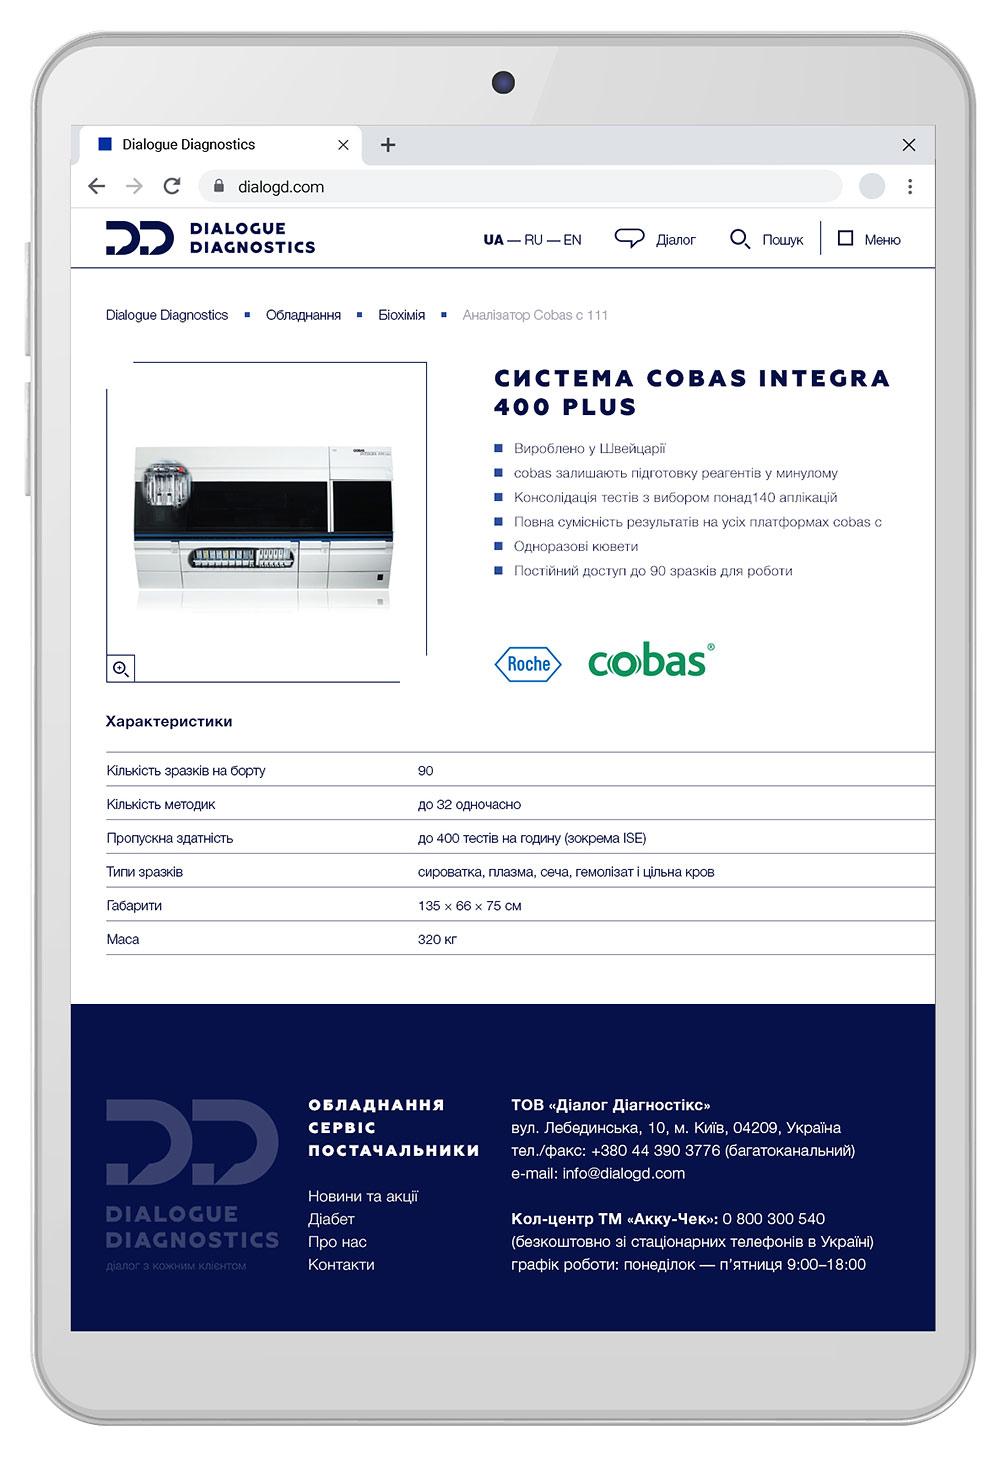 Дизайн сайта Dialogue Diagnostics (Диалог Диагностикс). Оборудование.